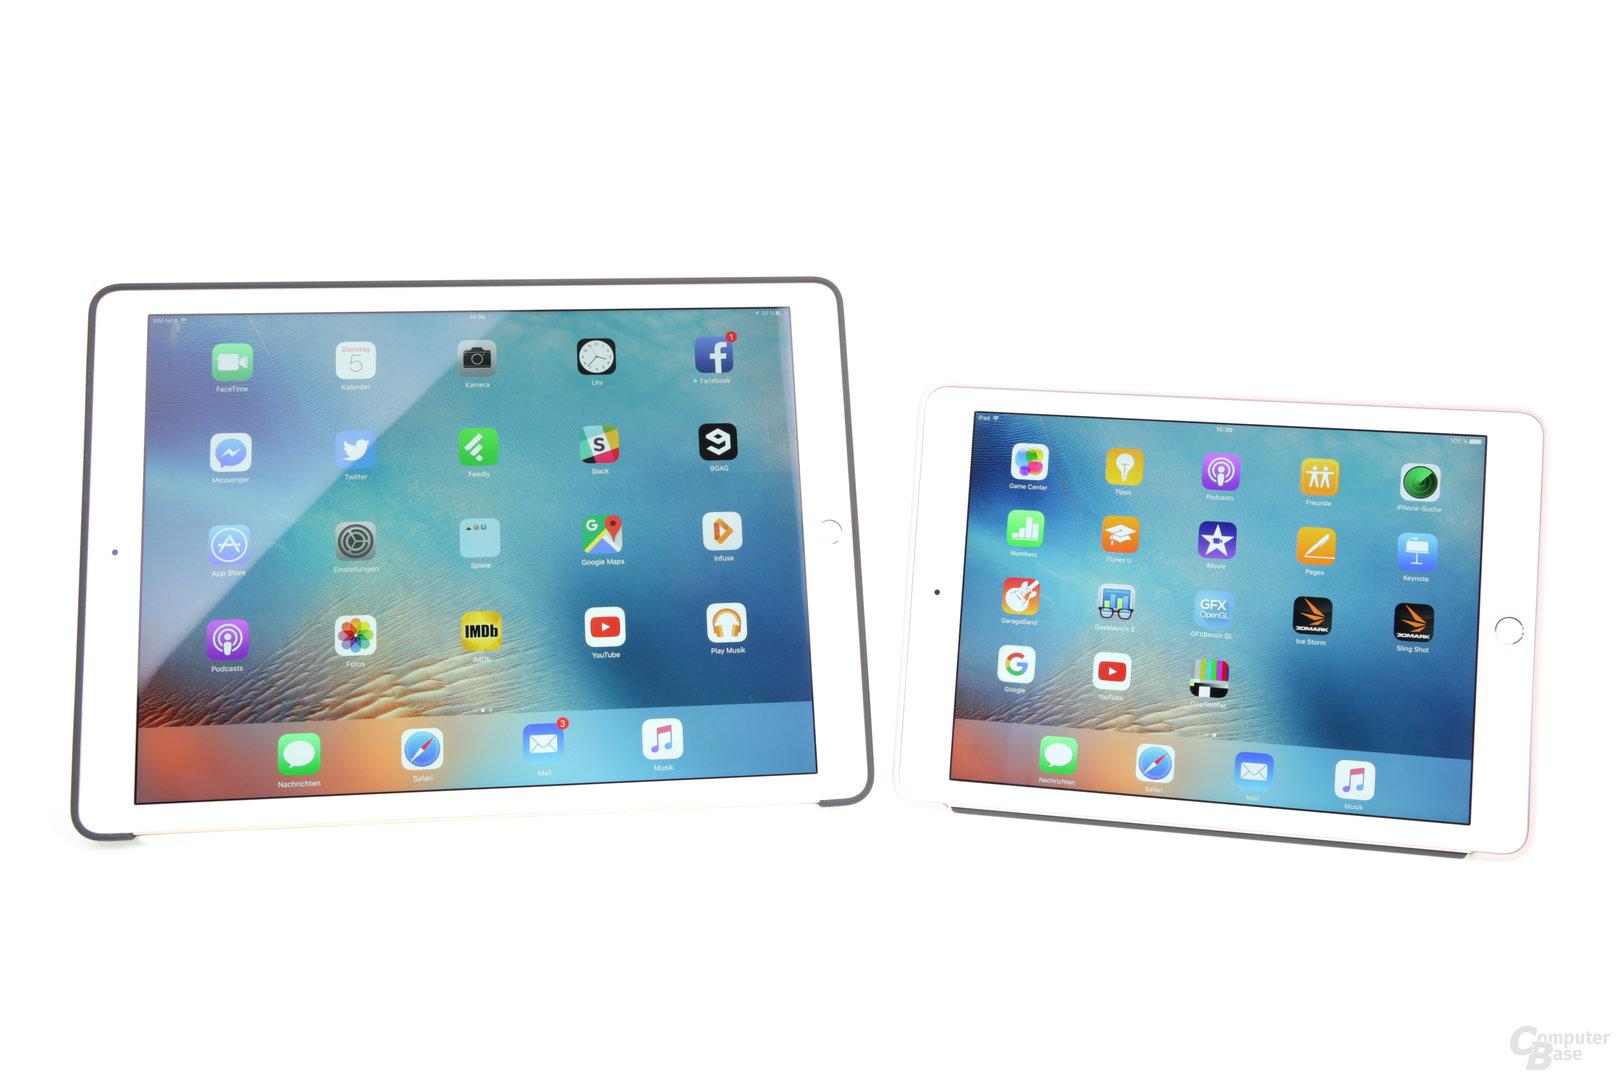 Das erste iPad Pro ist deutlich größer